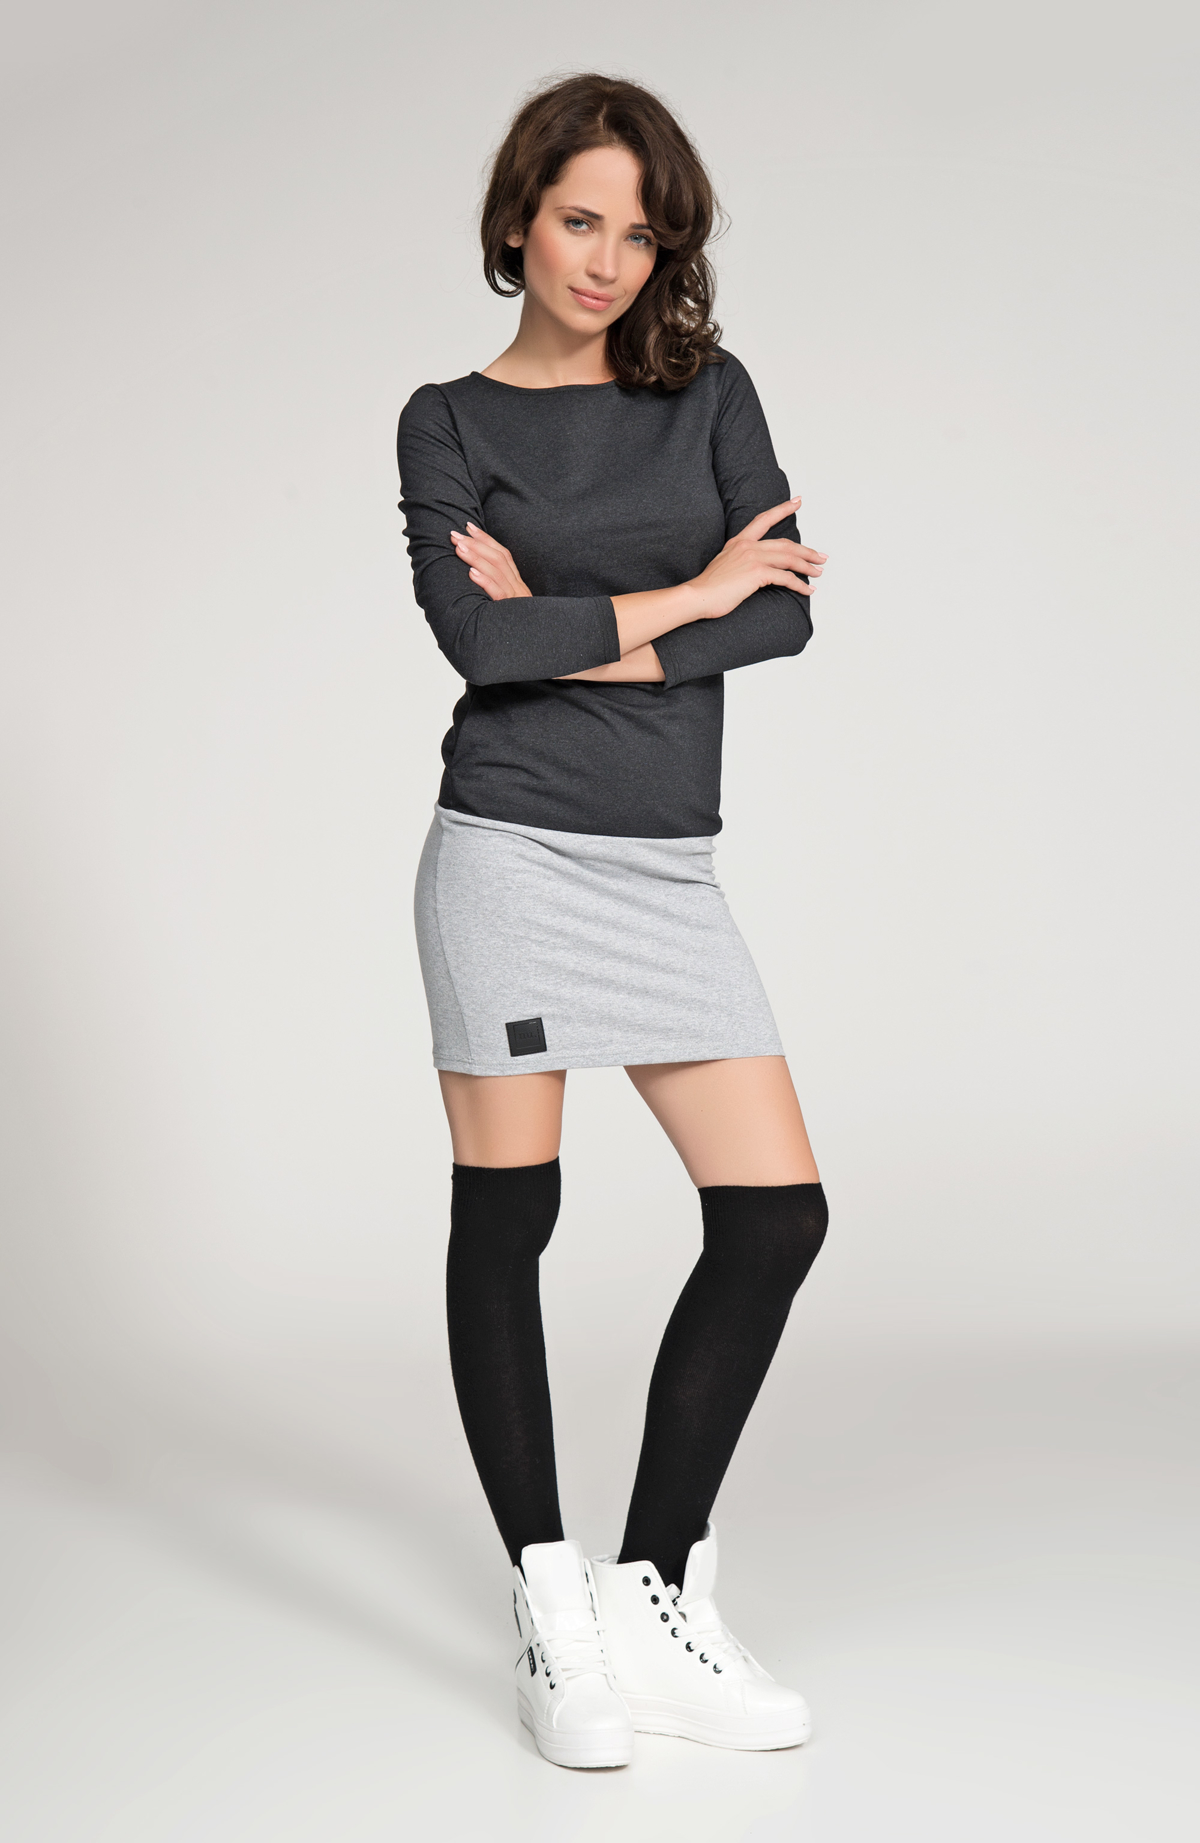 Dámske voľnočasové krátke šaty šedo-čierne - Čierna - Numinou čierna so šedou 42